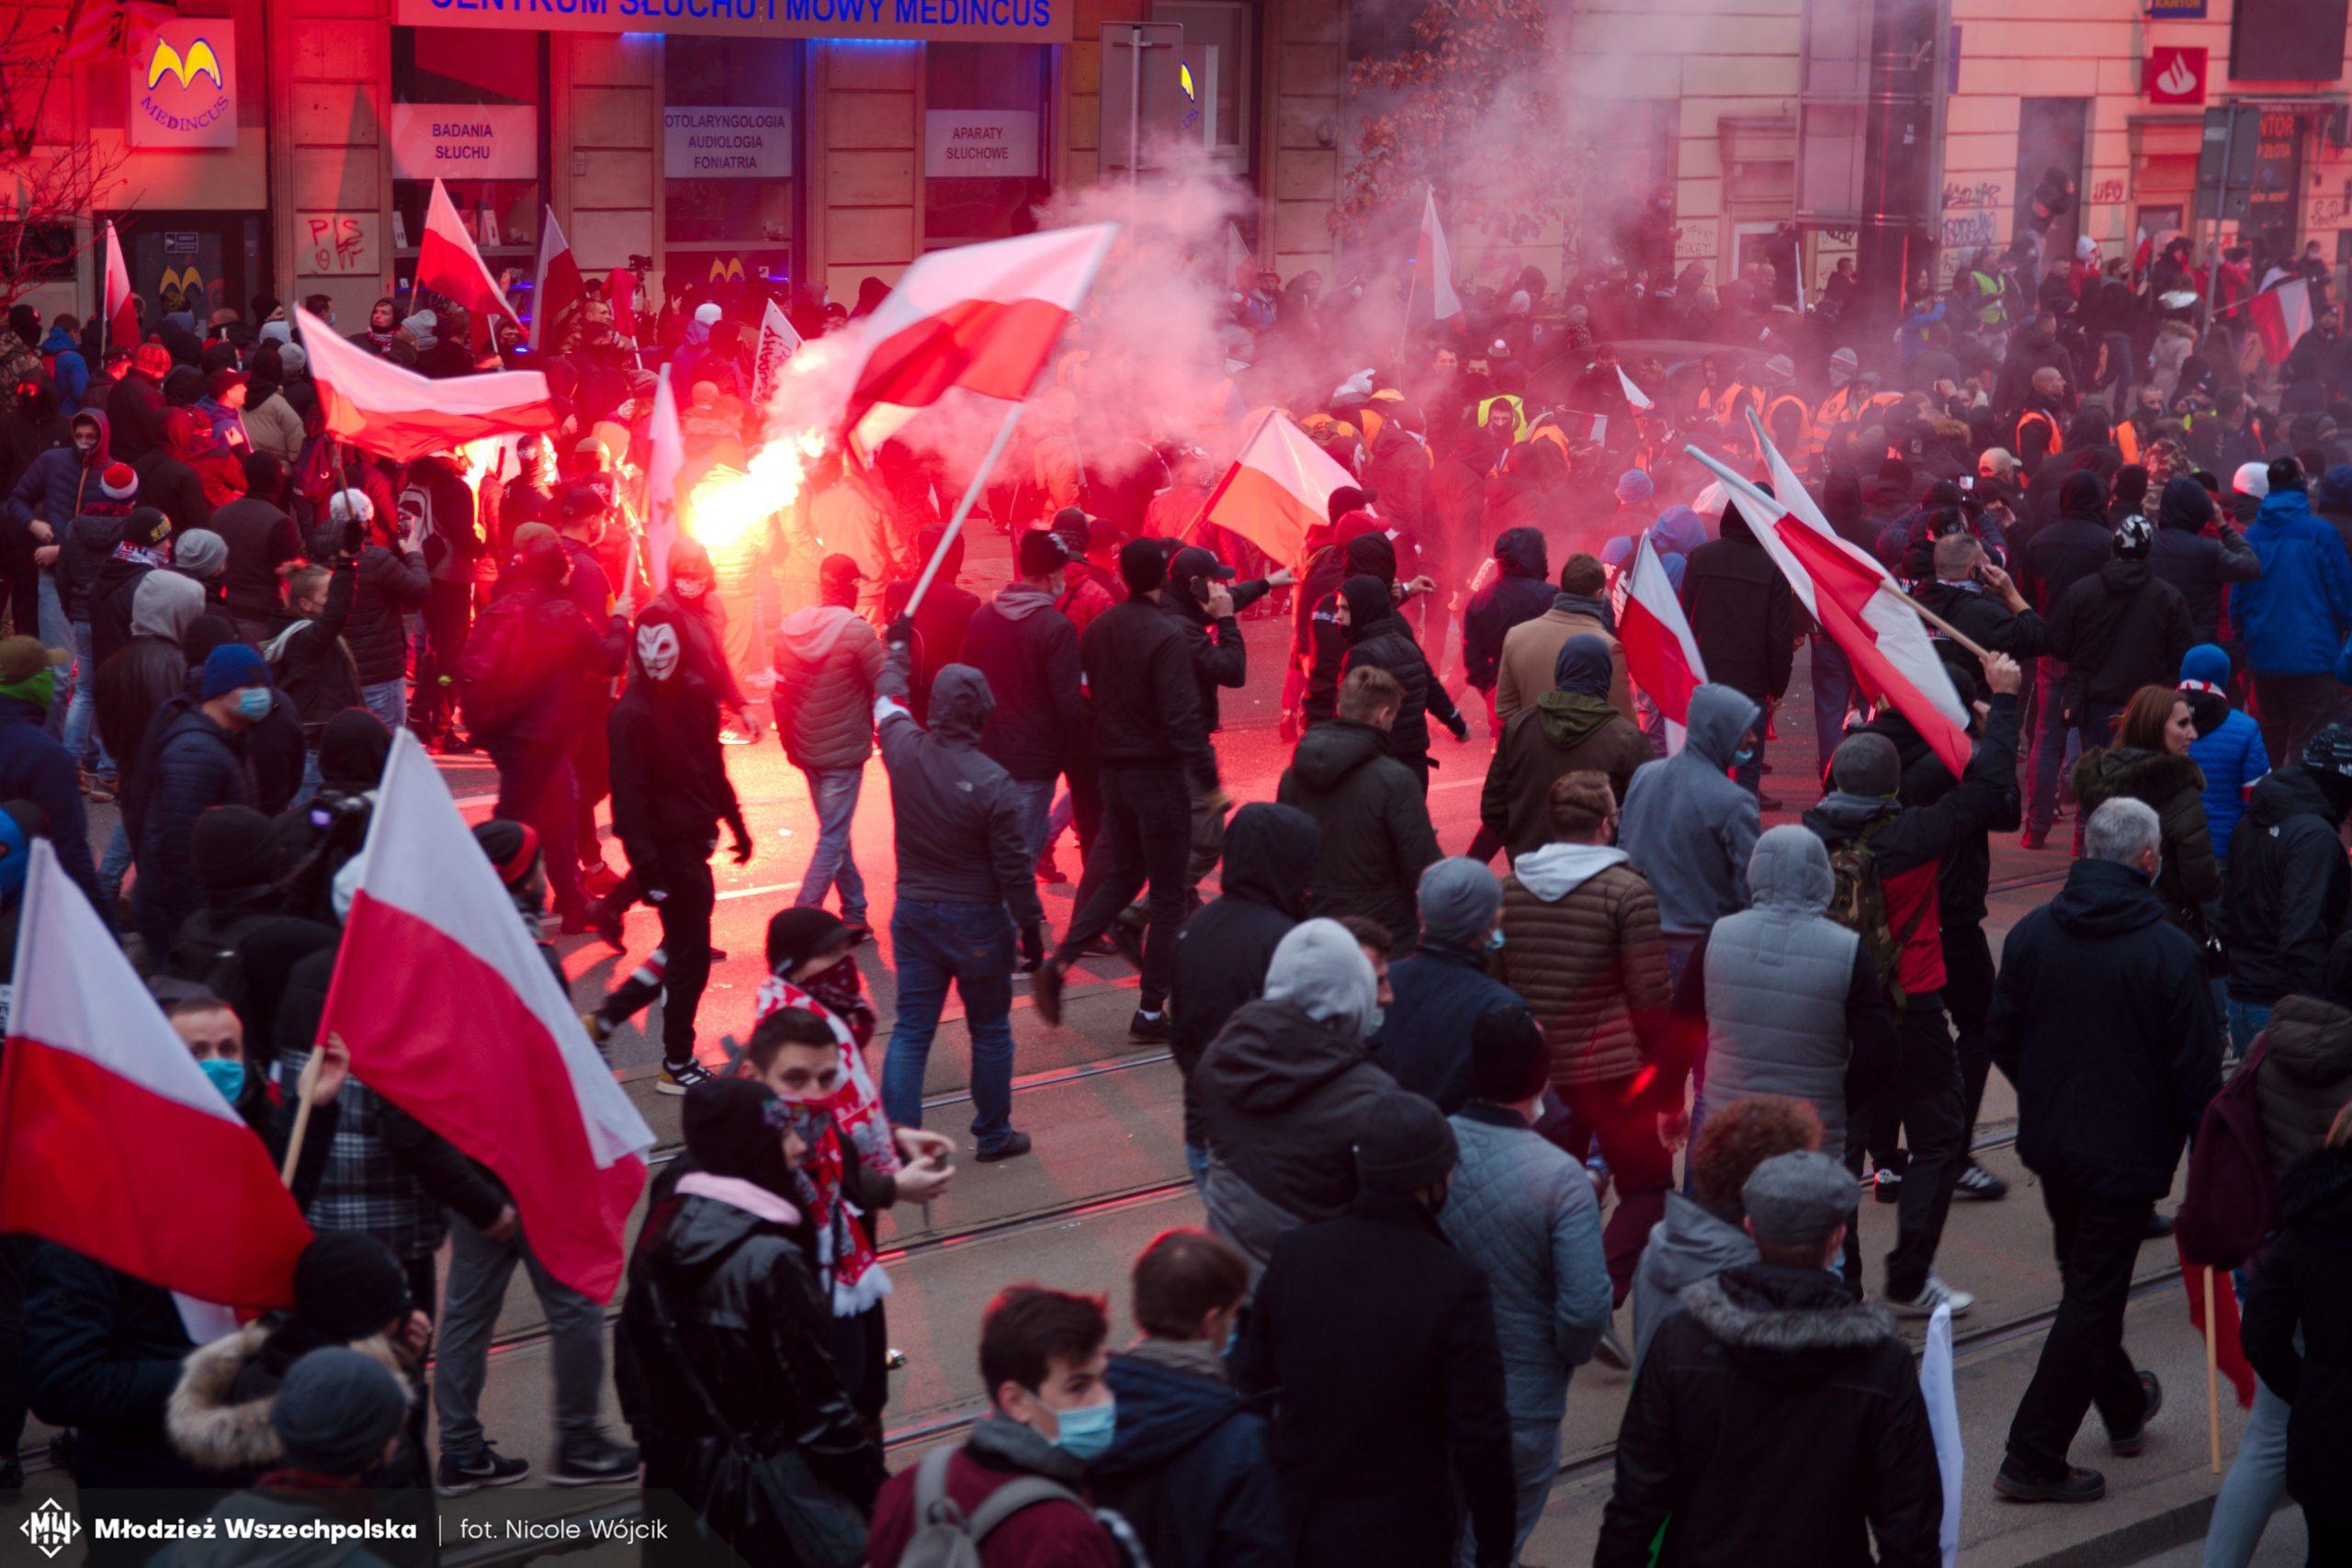 Polscy prawicowcy przegrają wszystko. Hiperliberalizmu nie zwalczy się... liberalizmem